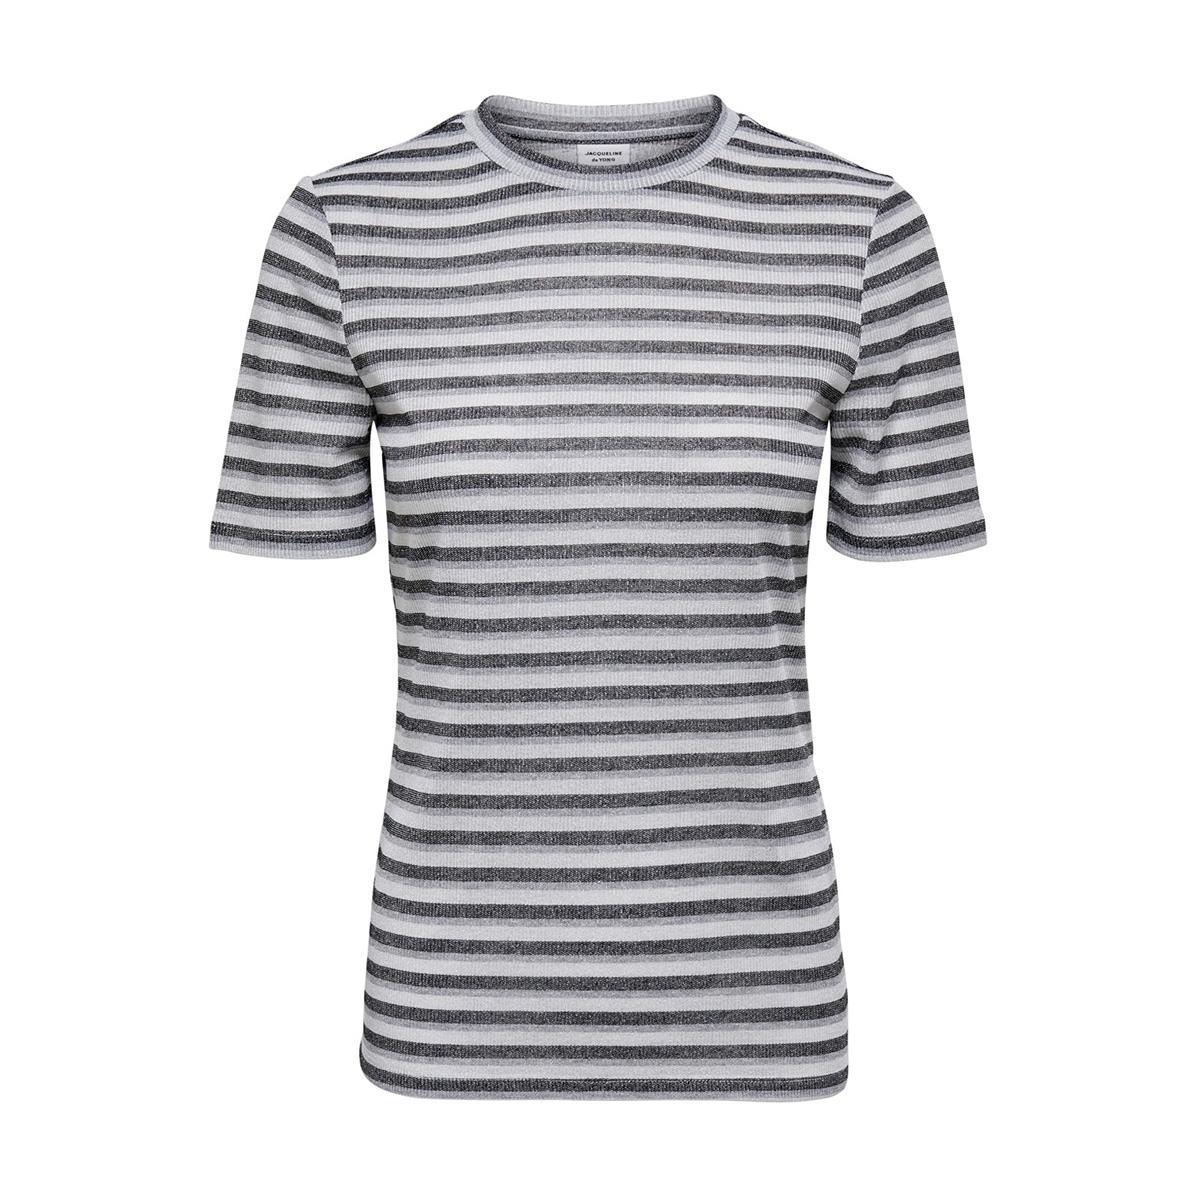 jdycille s/s top jrs 15184118 jacqueline de yong t-shirt cloud dancer/black and